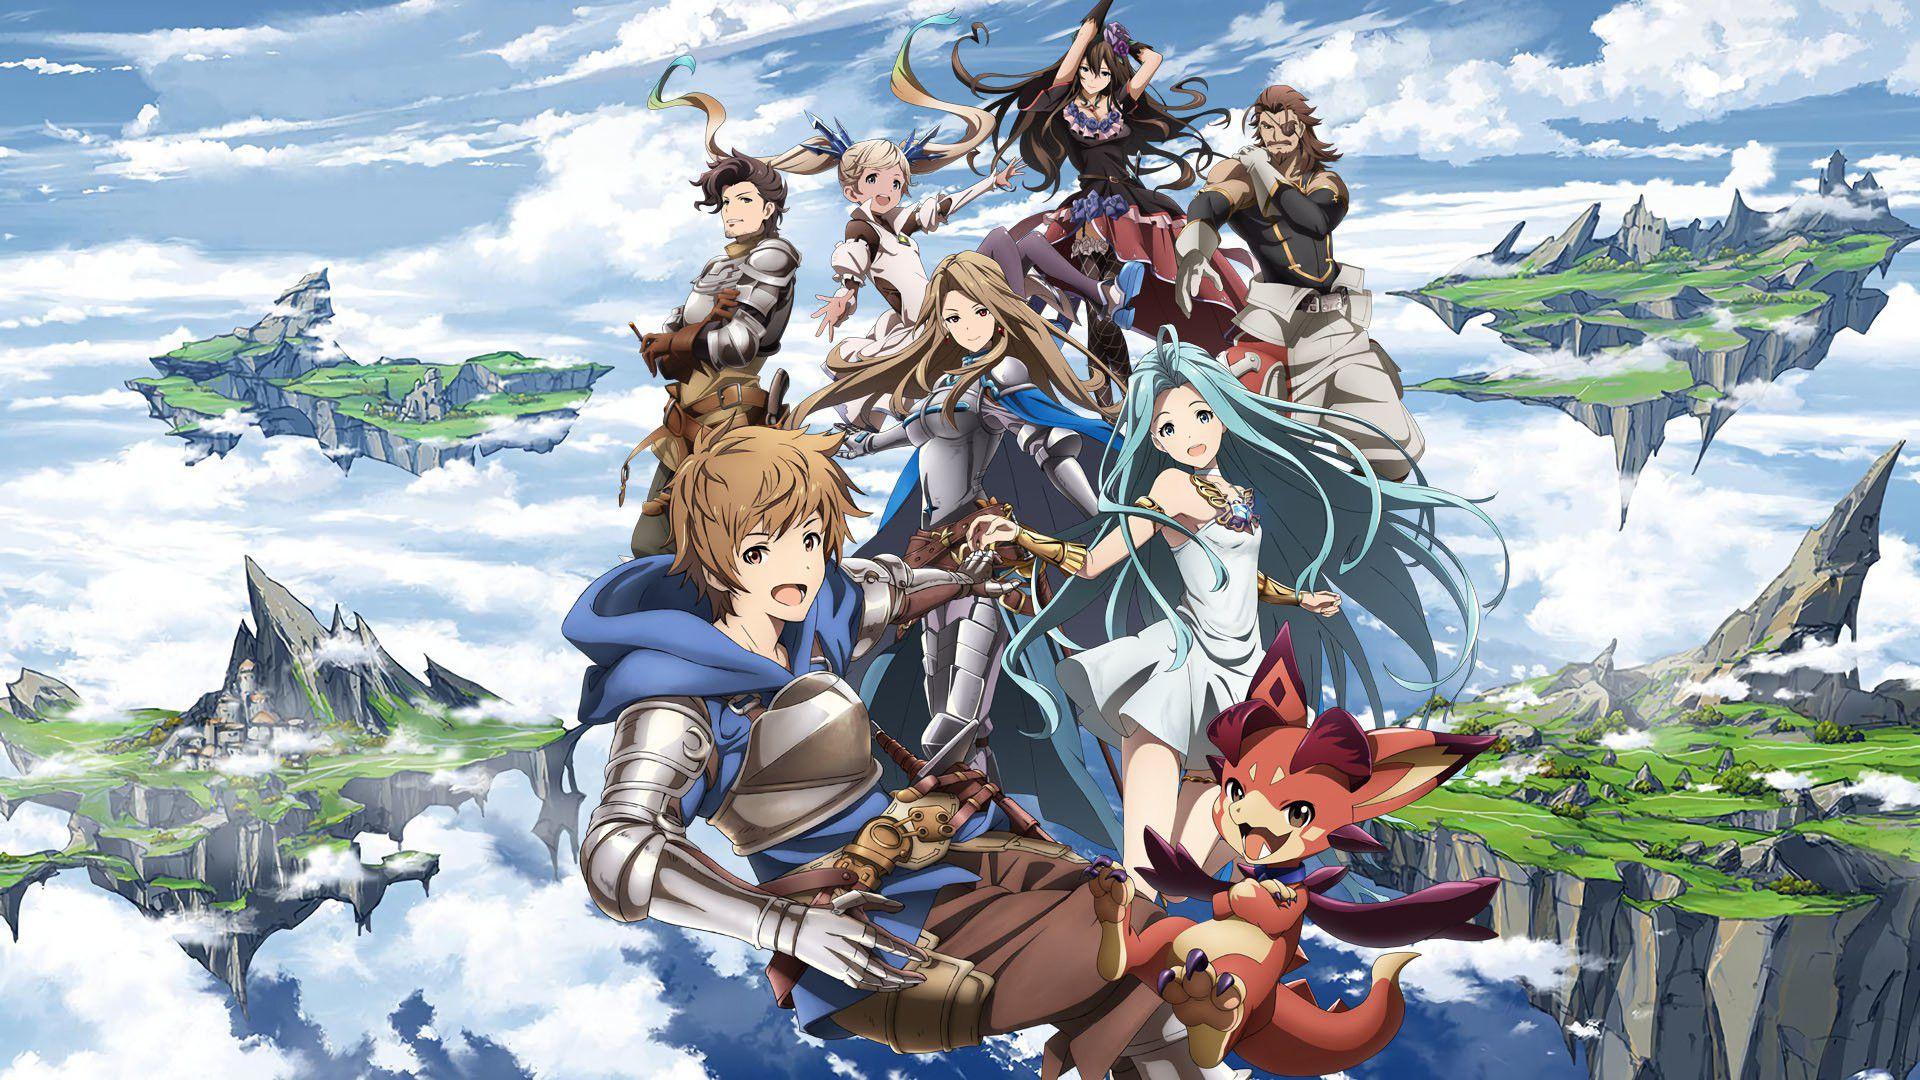 20 Wallpaper Hd Download Gambar Keren Ff Koleksi Rial In 2020 Anime Wallpaper Anime Fantasy Fantasy Art